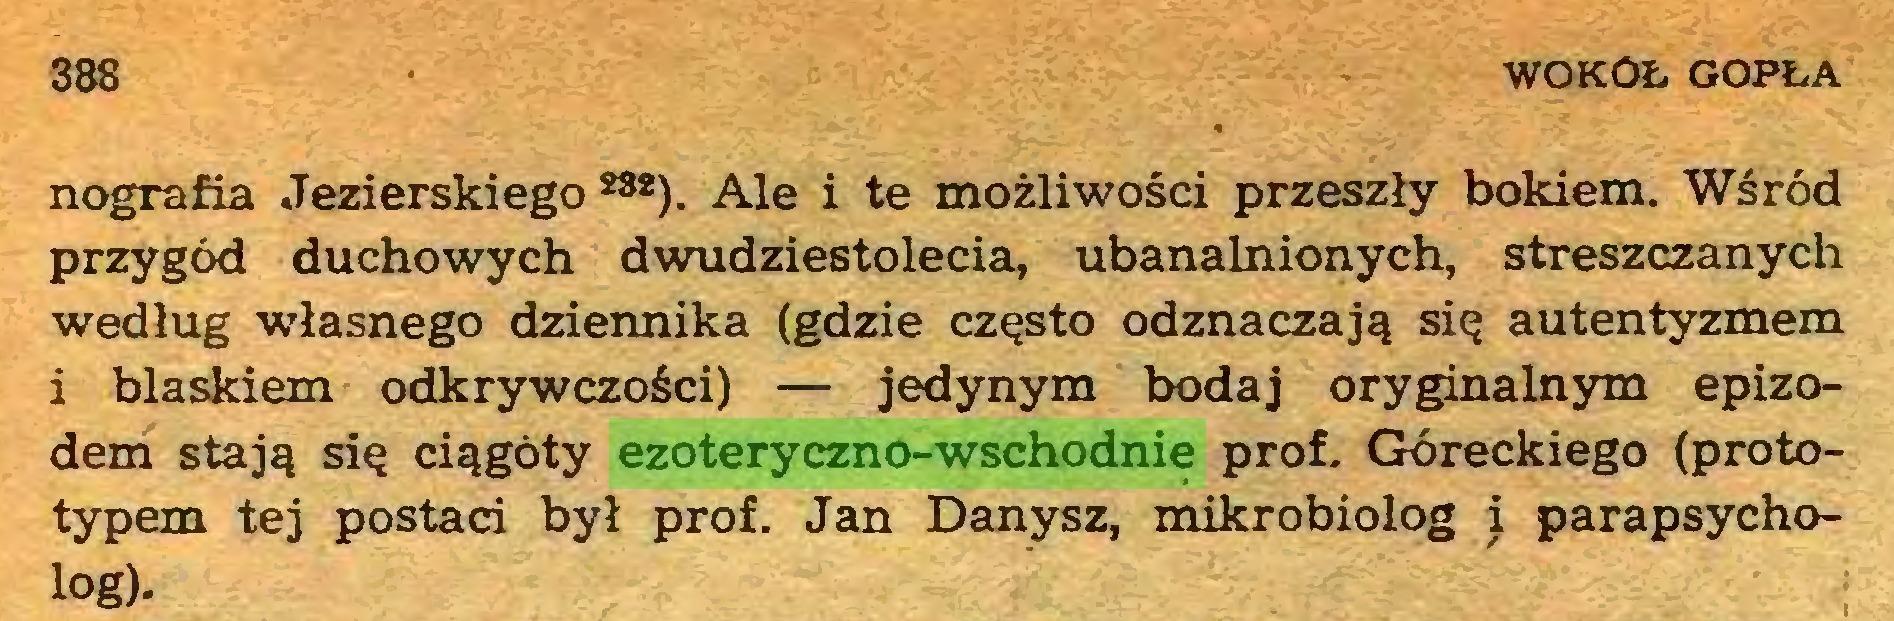 (...) 388 WOKOŁ gopła nografia Jezierskiego ***). Ale i te możliwości przeszły bokiem. Wśród przygód duchowych dwudziestolecia, ubanalnionych, streszczanych według własnego dziennika (gdzie często odznaczają się autentyzmem i blaskiem odkrywczości) — jedynym bodaj oryginalnym epizodem stają się ciągoty ezoteryczno-wschodnie prof. Góreckiego (prototypem tej postaci był prof. Jan Danysz, mikrobiolog i parapsycholog)...